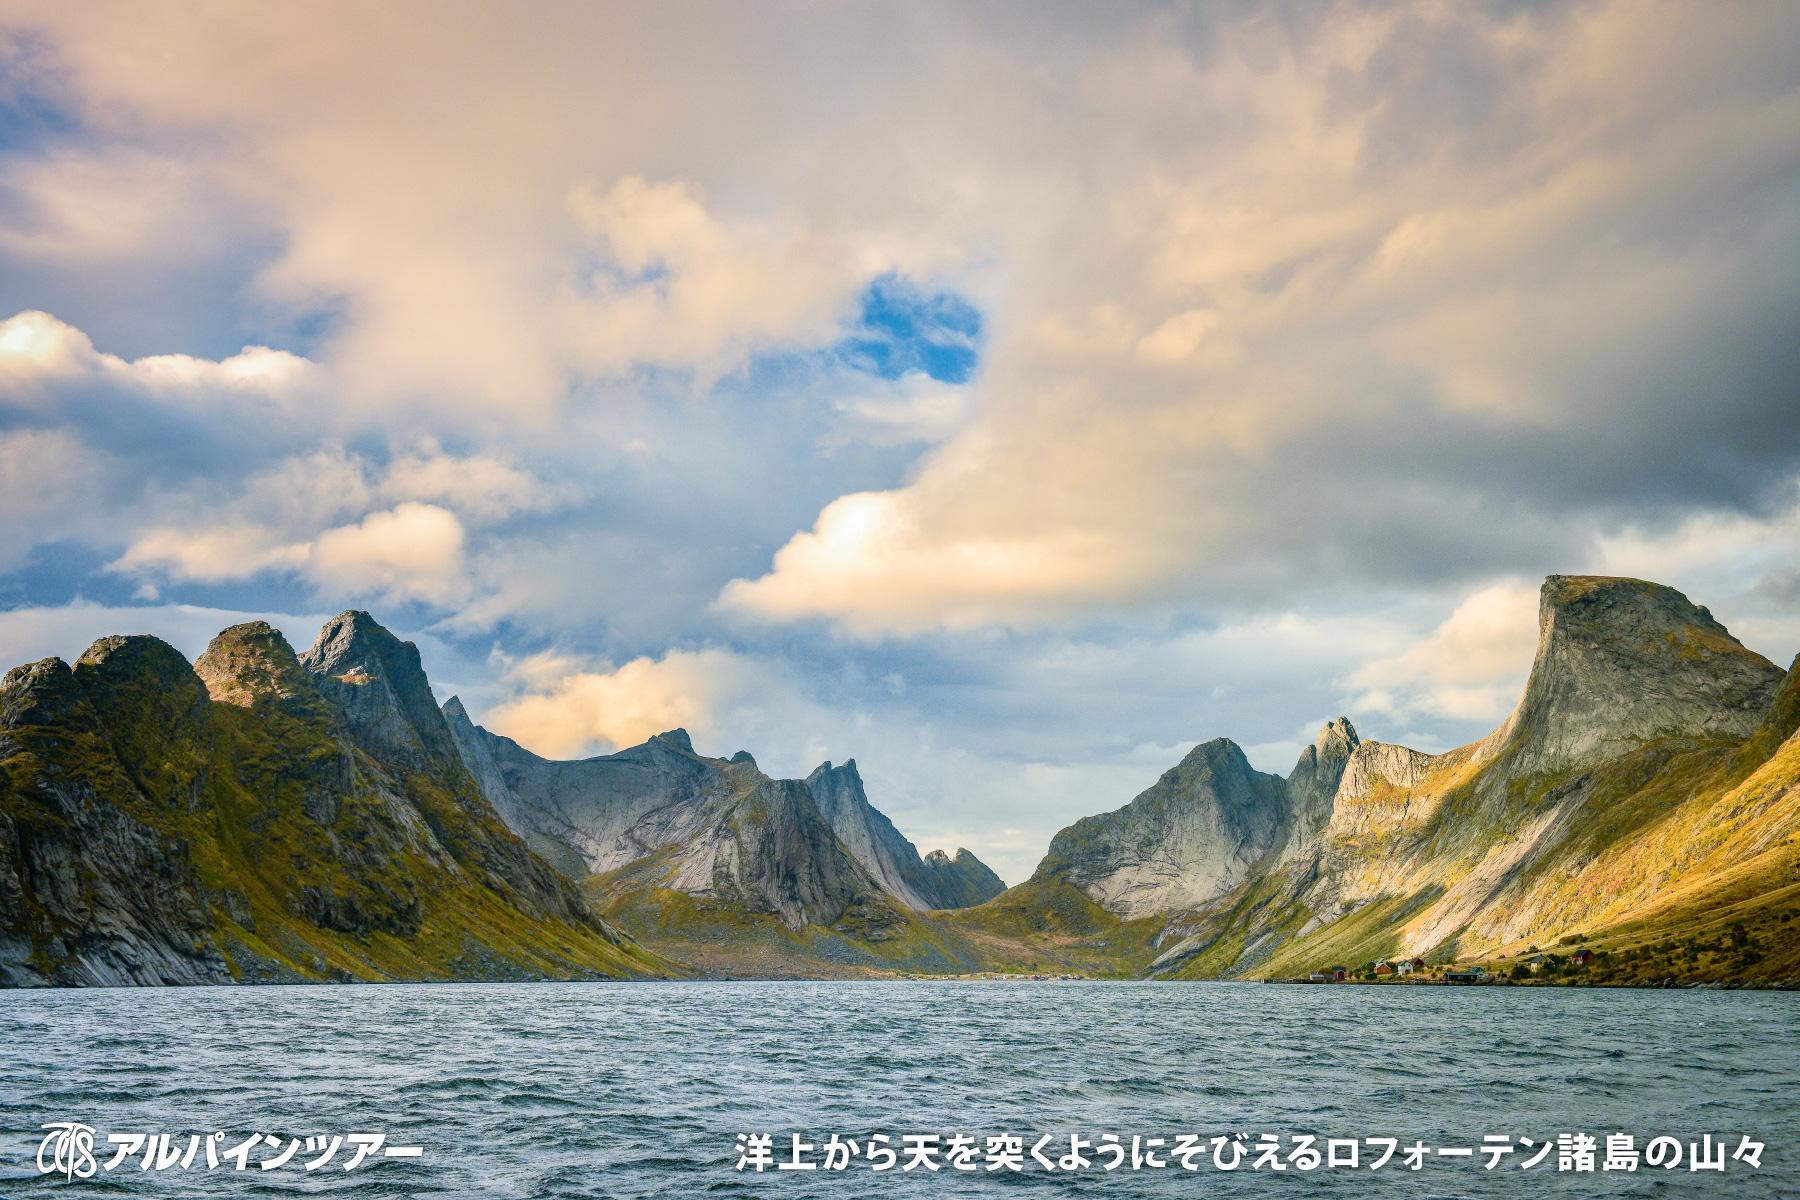 【エリア紹介】 洋上のアルプス・ロフォーテン諸島(ノルウェー)